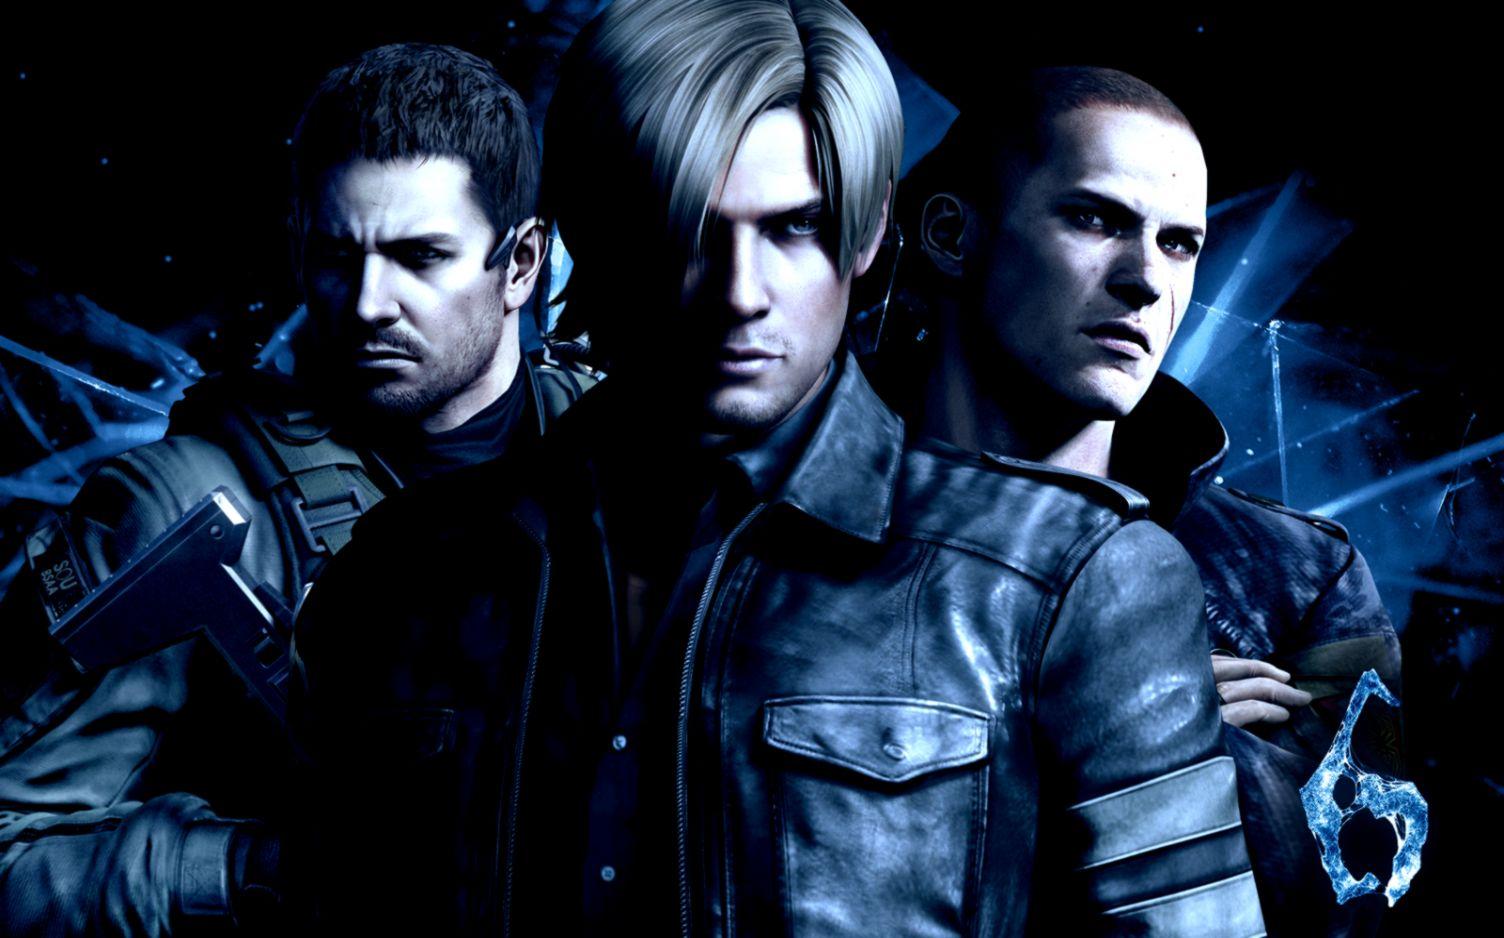 Resident Evil 6 Background Wallpaper